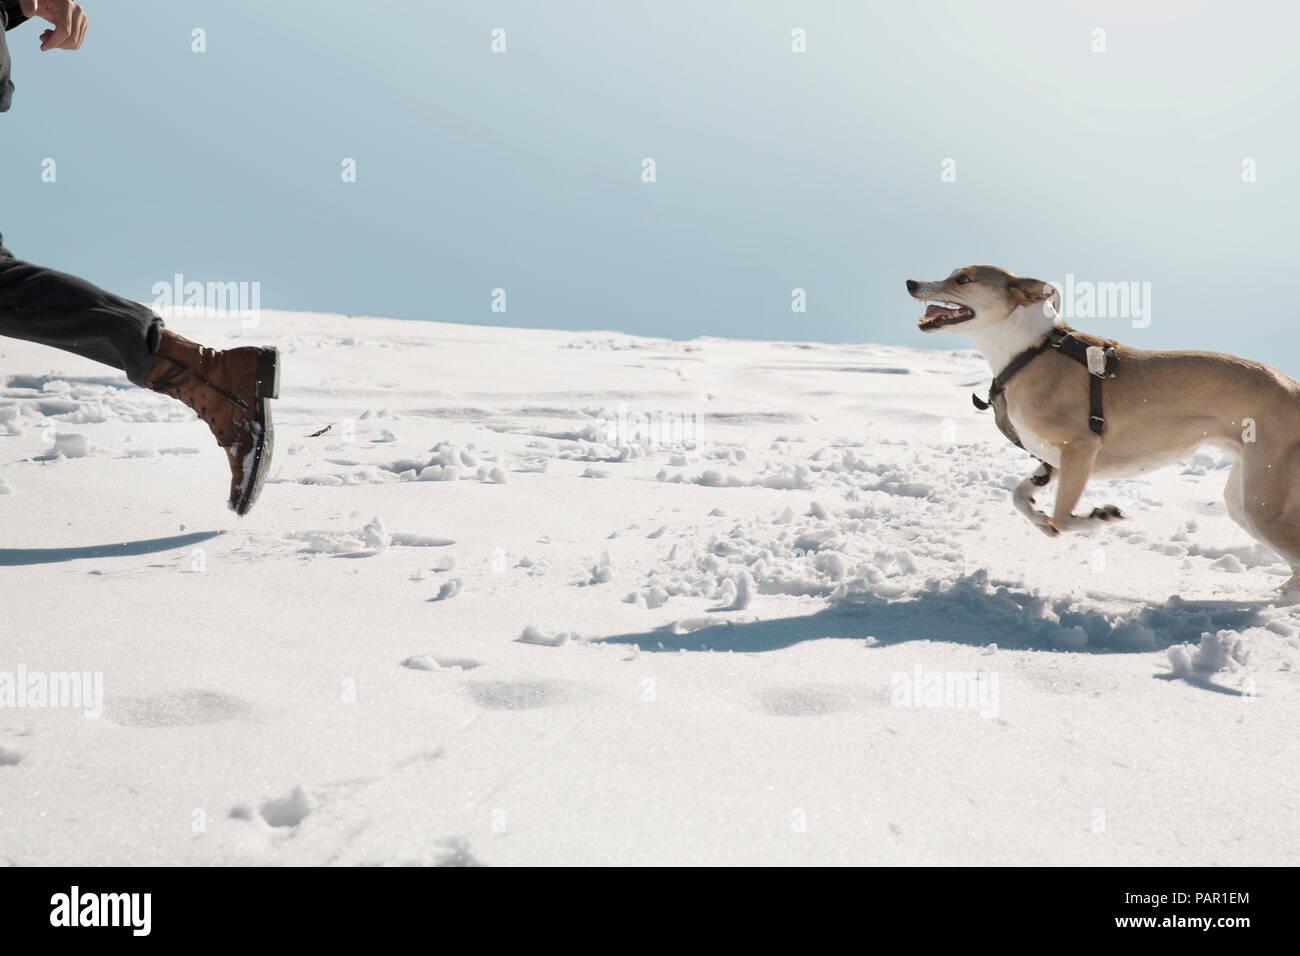 Man Playing with dog en hiver, la course dans la neige Banque D'Images